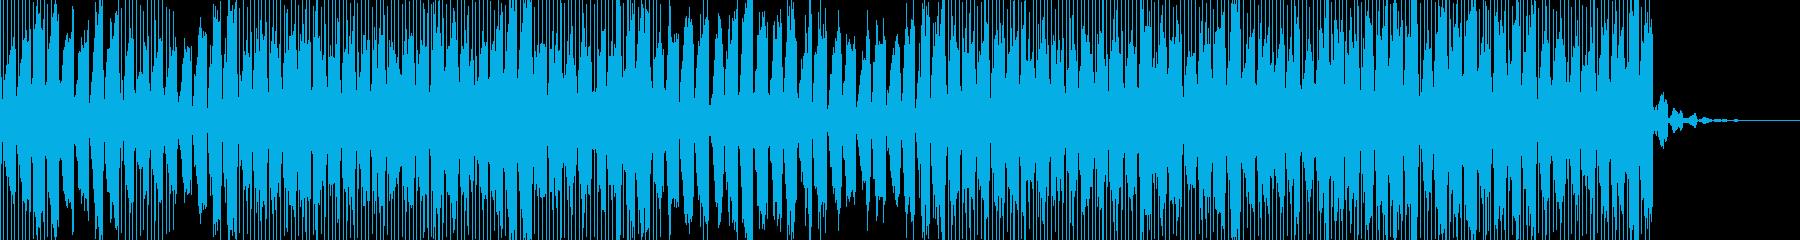 実験的な ファンタジー 魔法 テク...の再生済みの波形